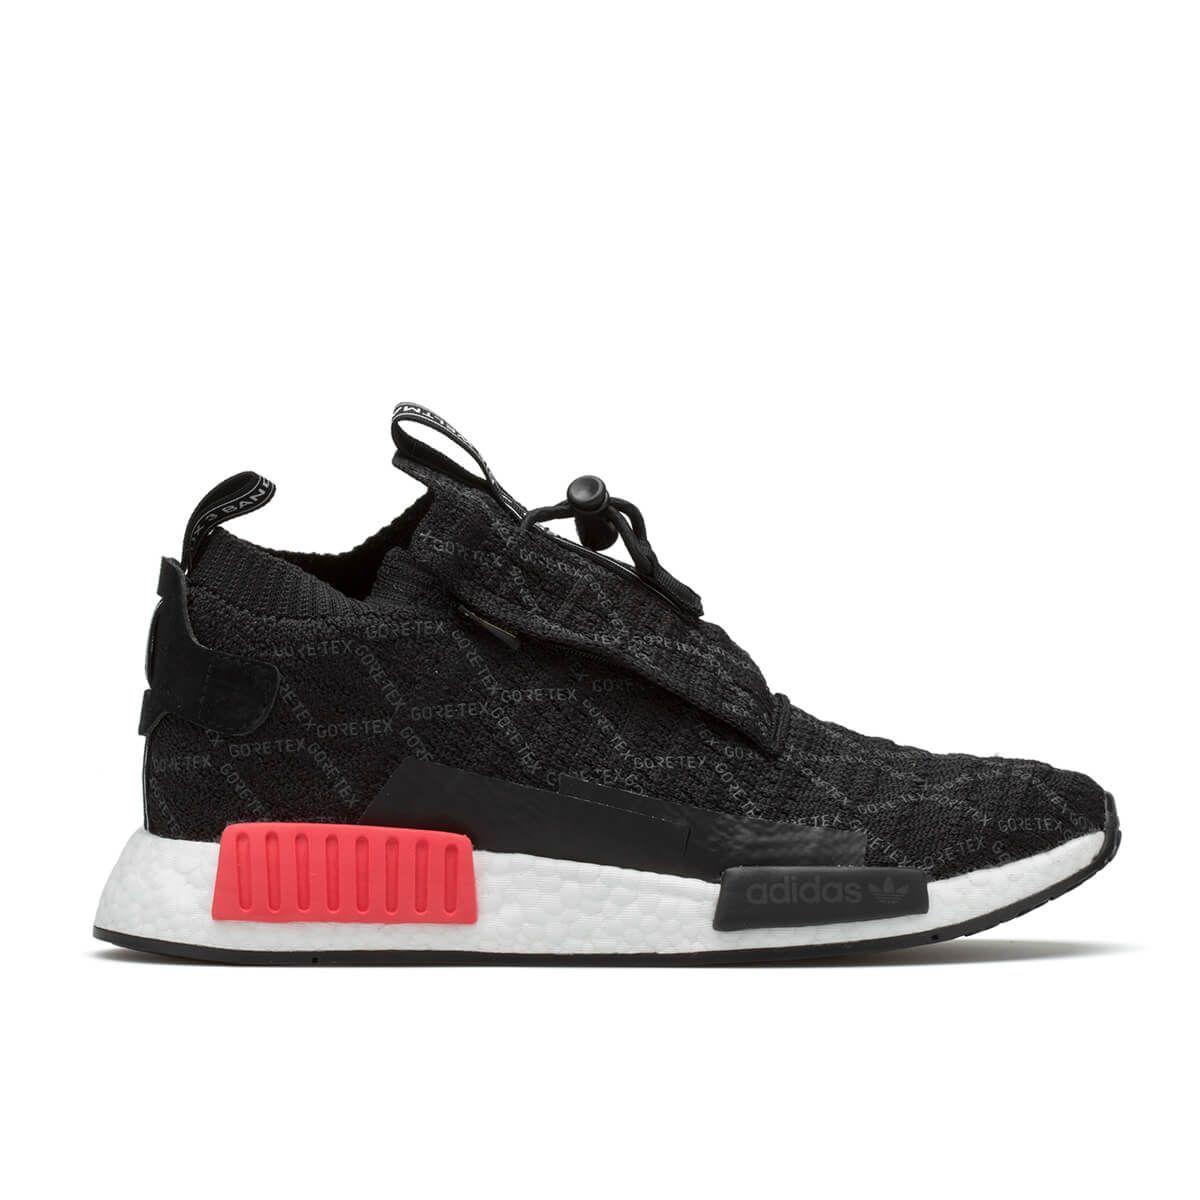 ADIDAS ORIGINALS NMD TS1 PK GTX. #adidasoriginals #shoes